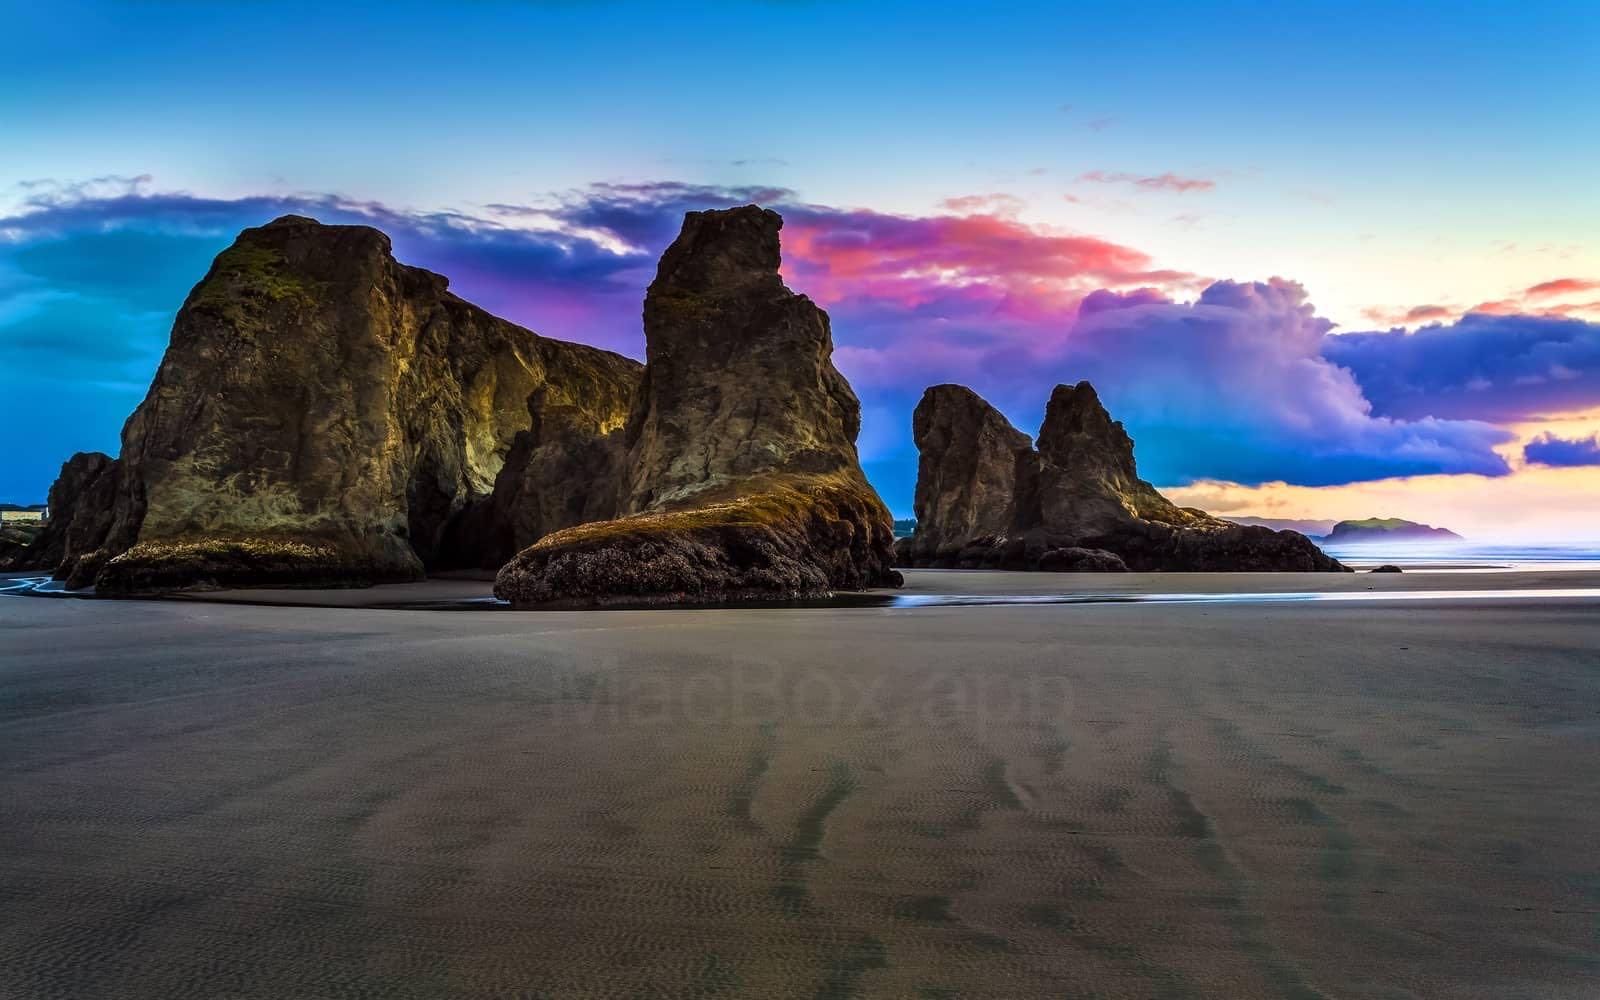 美国俄勒冈州班顿的海滩